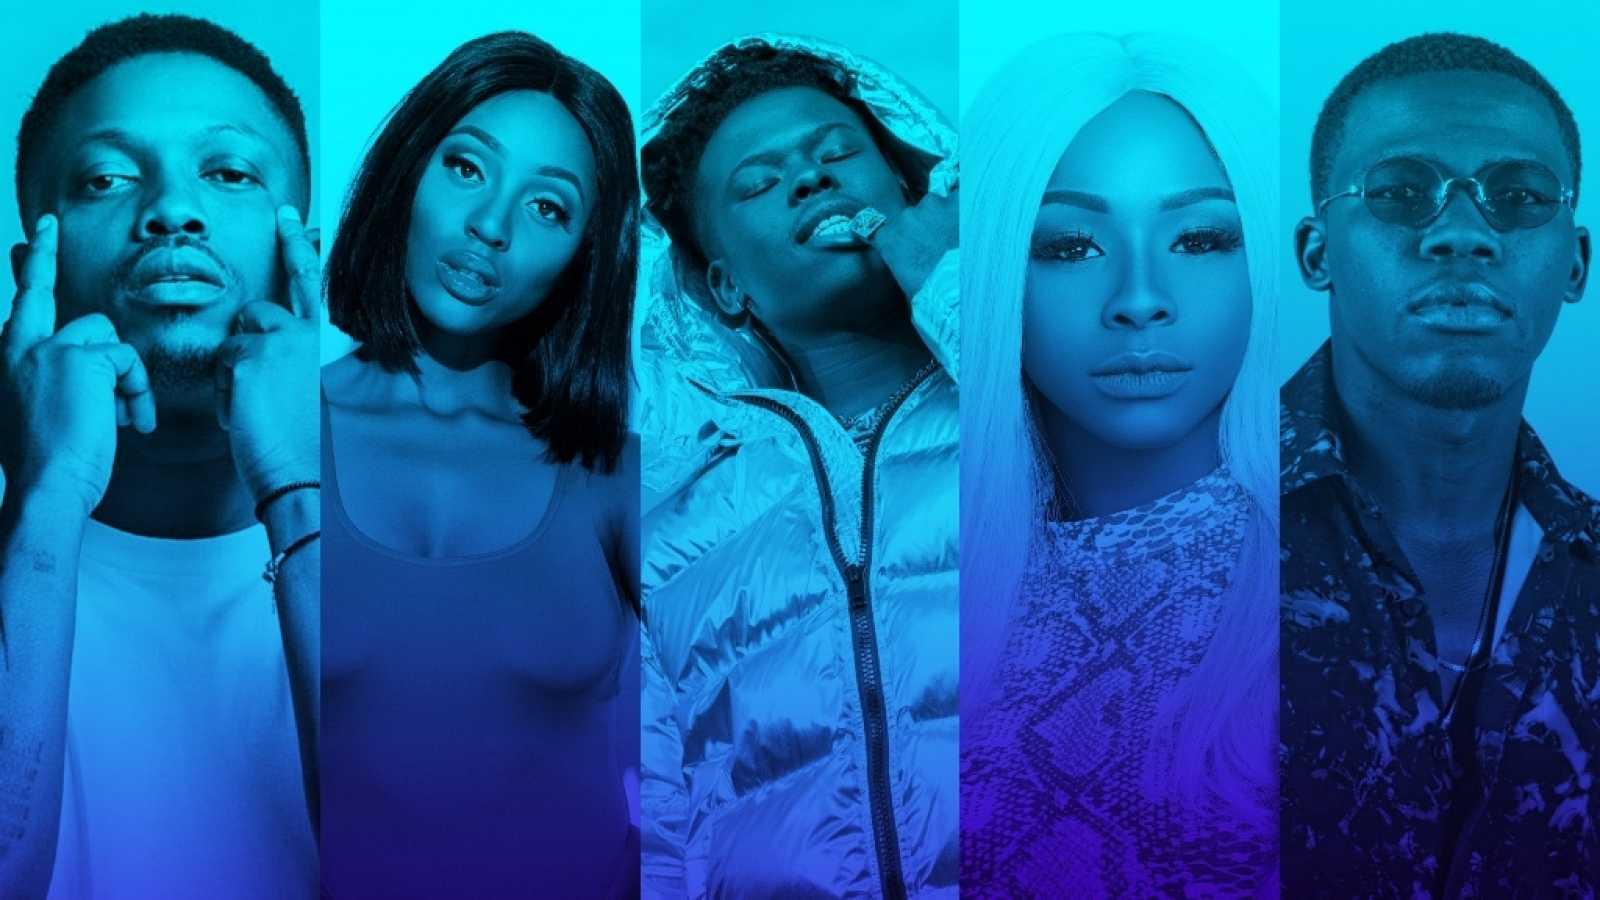 Nace Def Jam Africa, el primer sello discográfico de hip hop africano